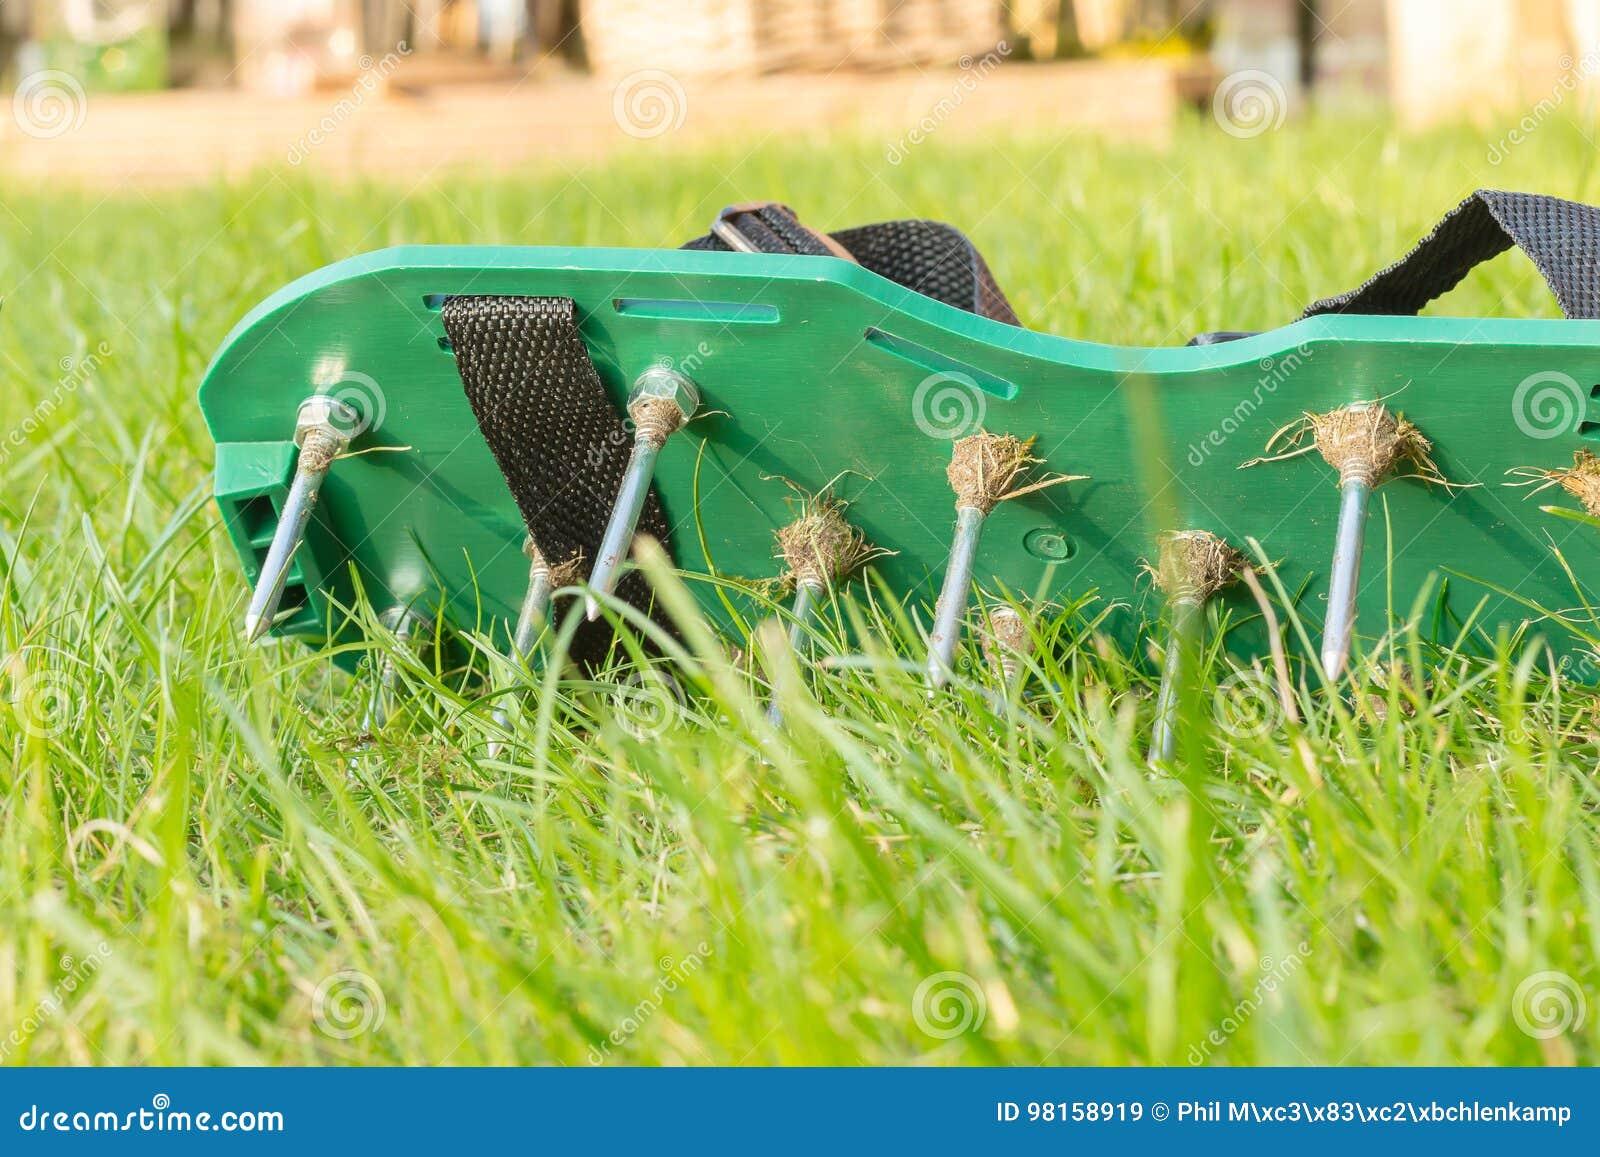 d49c7a686d9 Gazon die schoenen met metaalaren luchten Gebruikt om de kwaliteit van de  grasgroei te verbeteren Close-up van de groene schoen met zijn aren en  schroeven